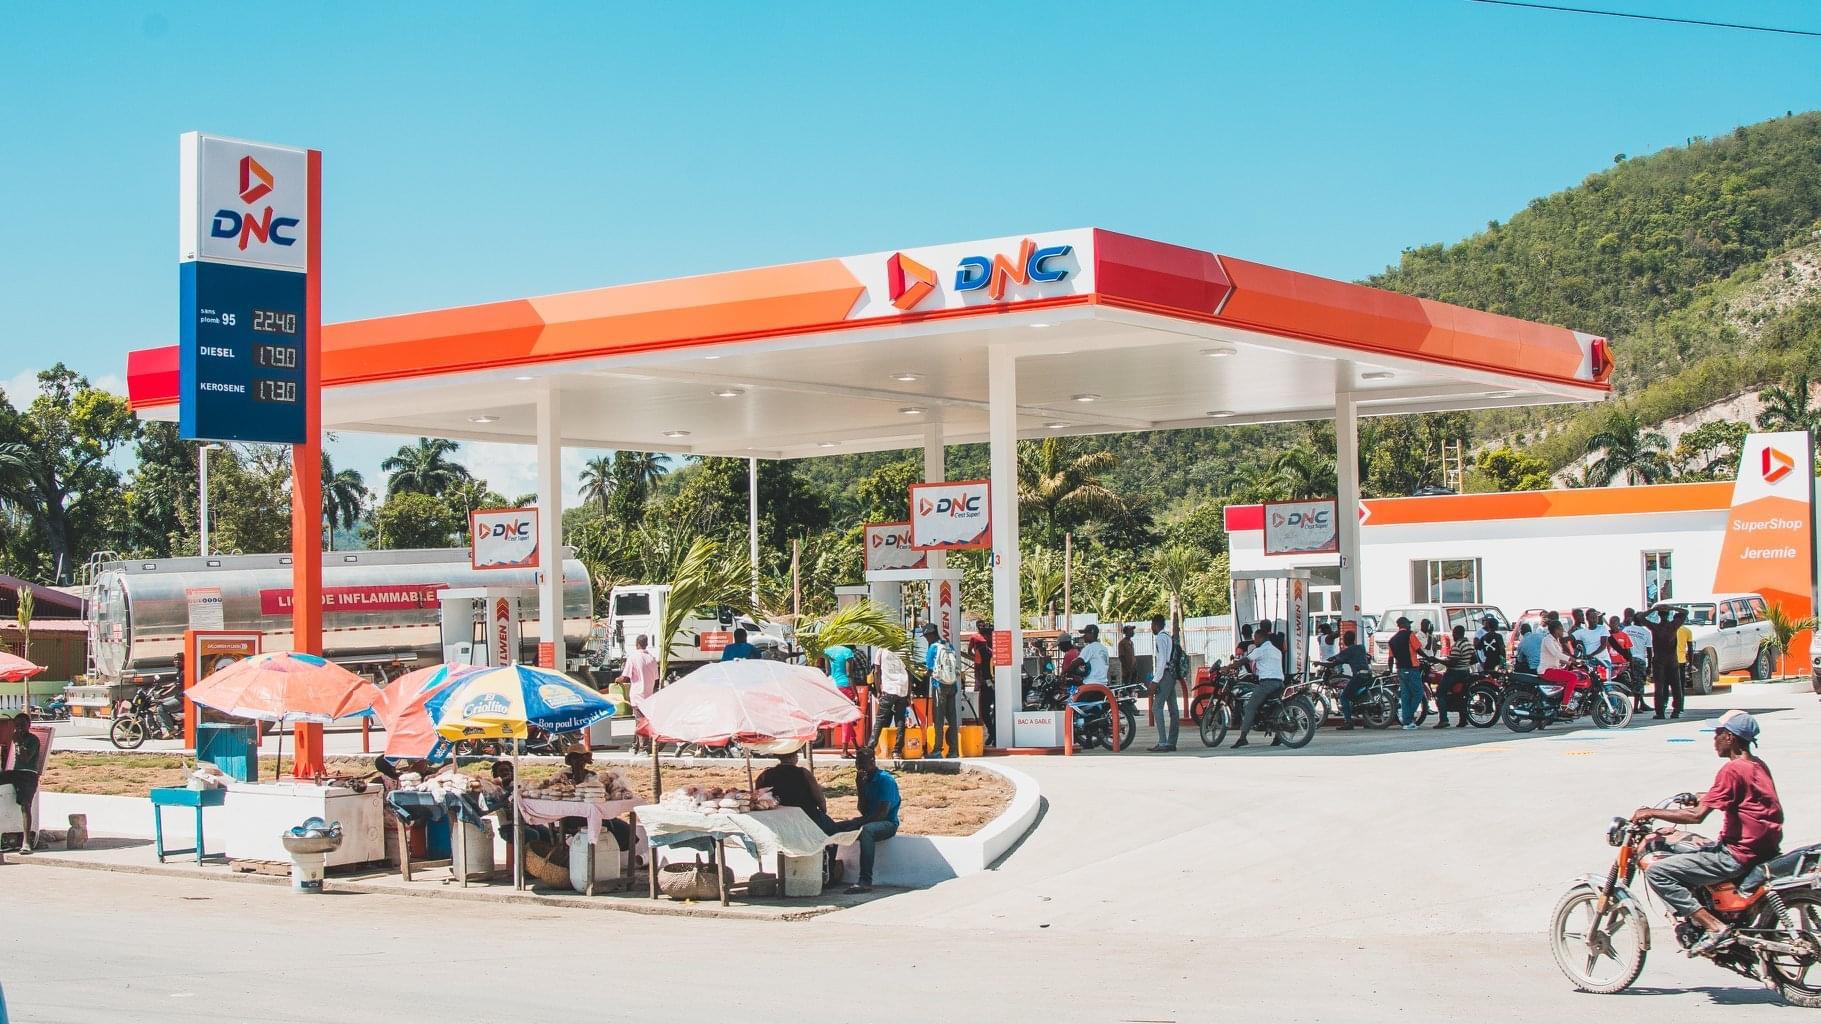 Vers un ajustement à la baisse du prix du carburant, annonce le président haïtien